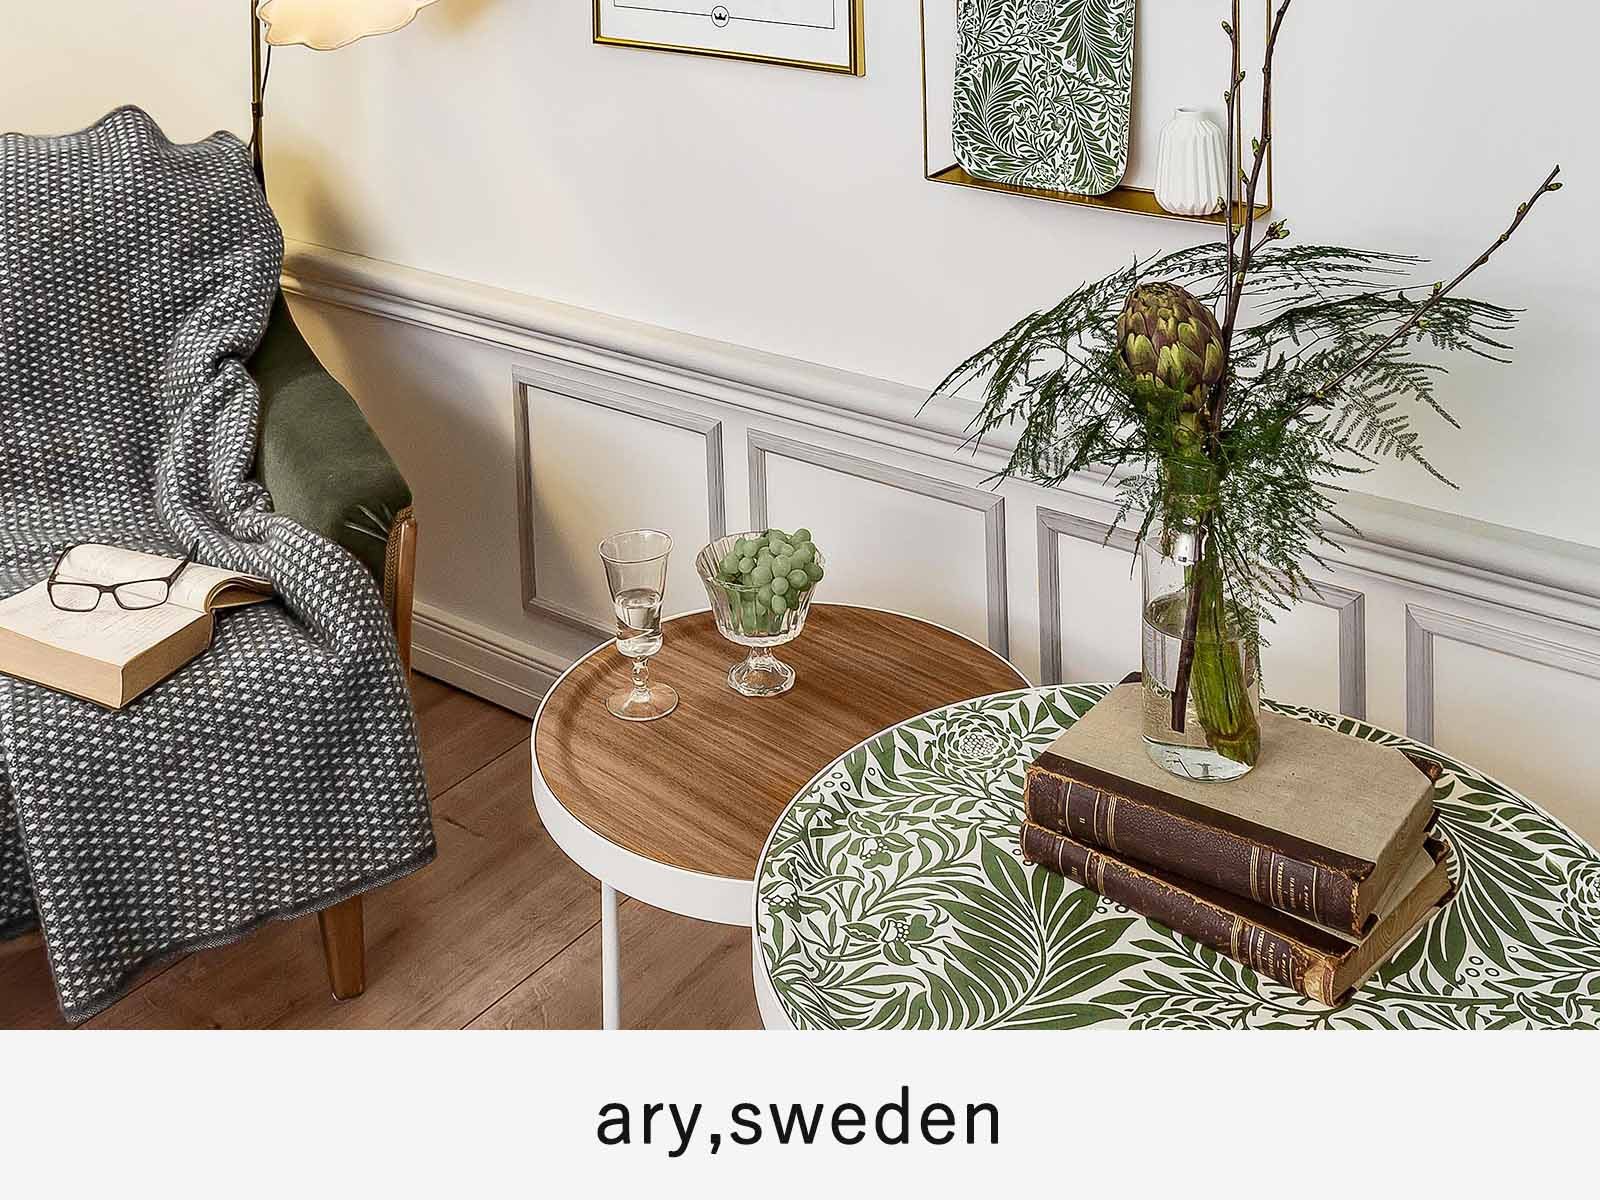 オーリスウェーデンの木製トレイ